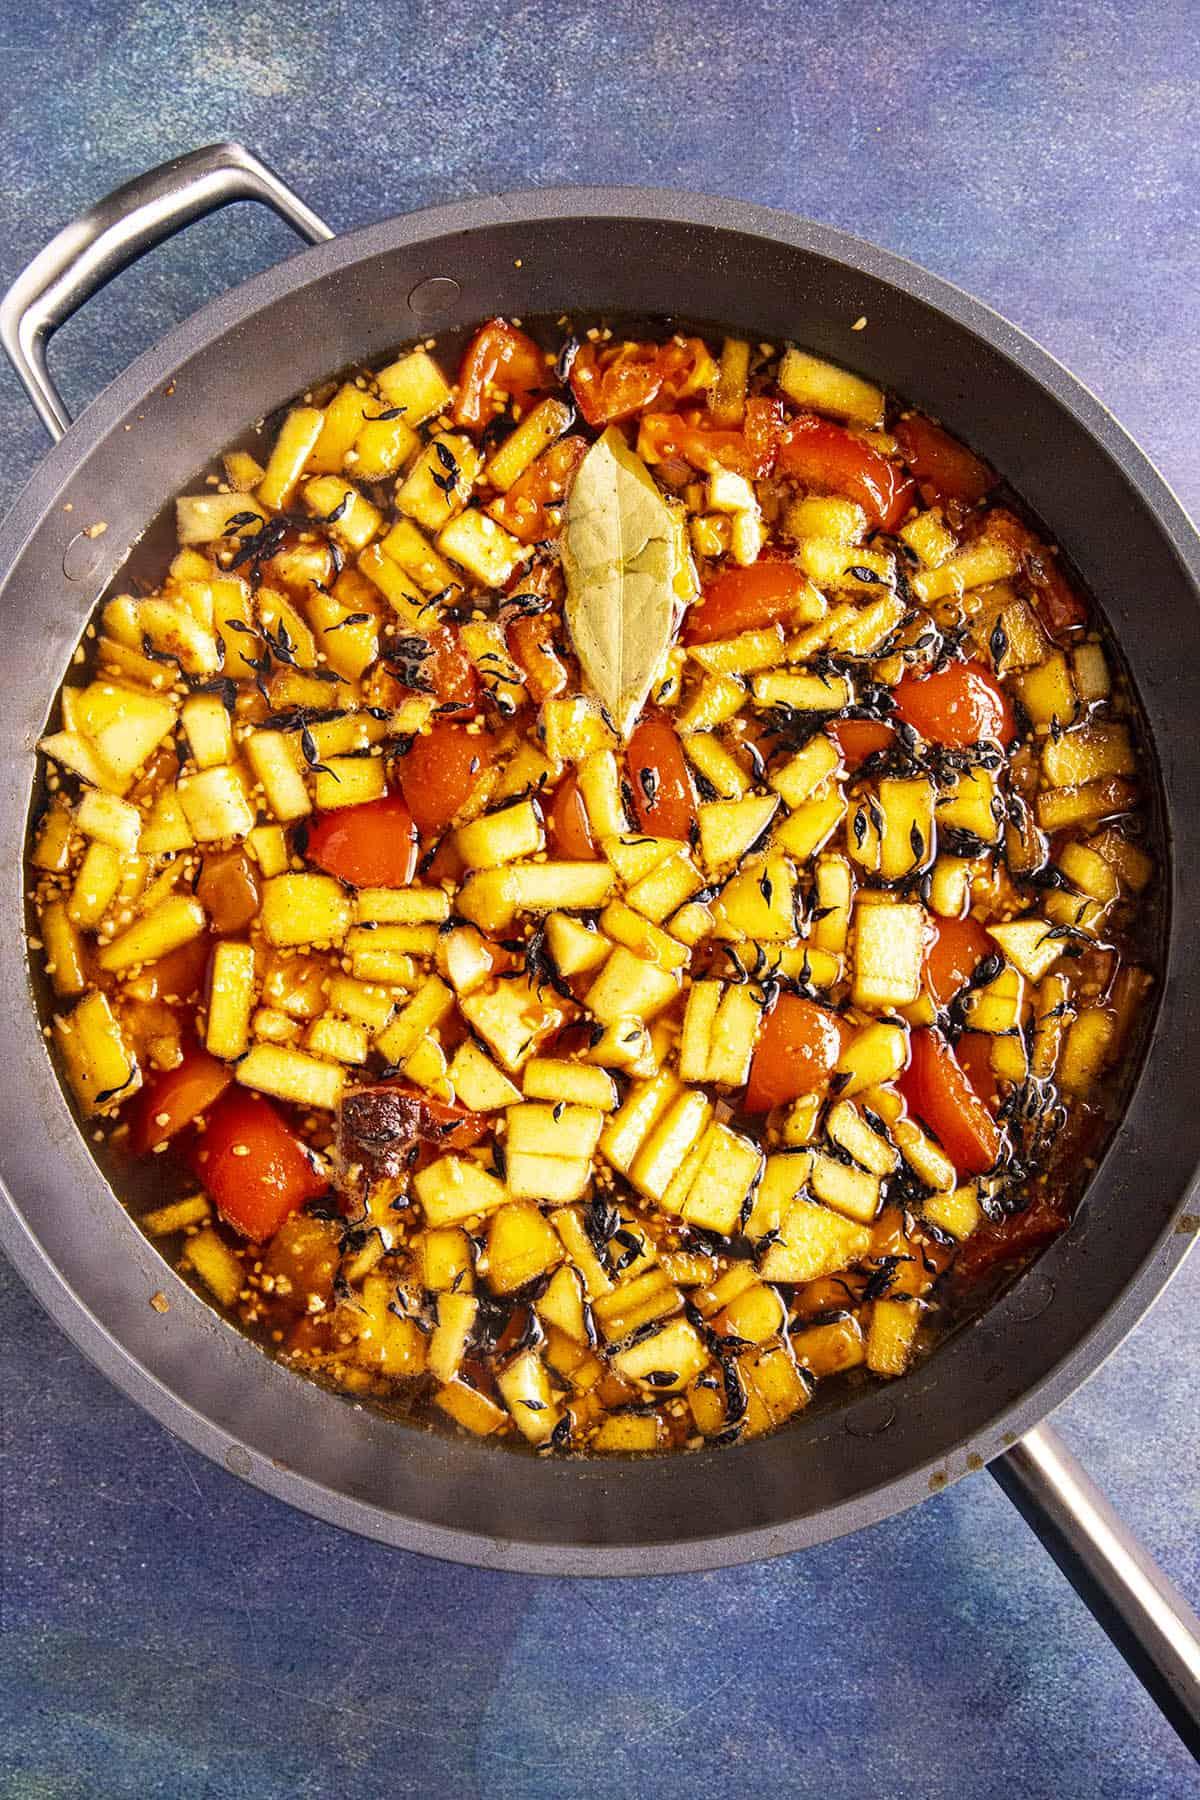 Cooking the ingredients to make Tonkatsu Sauce